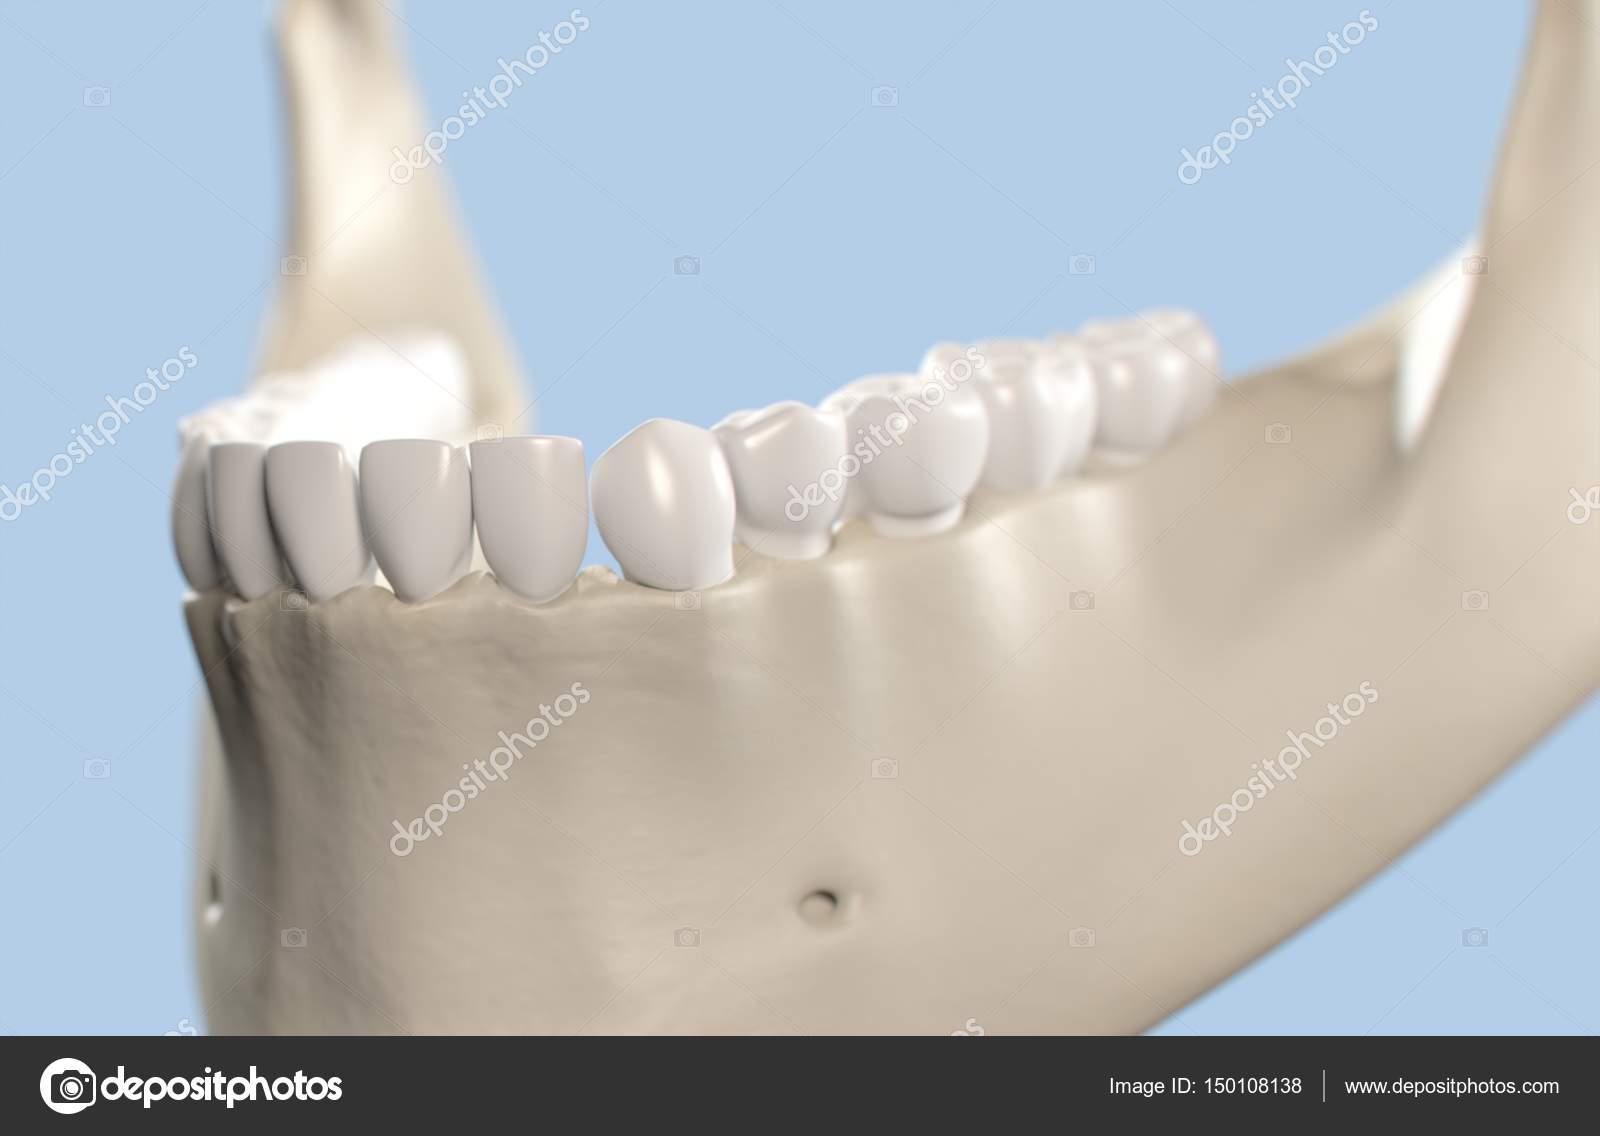 Human Teeth Anatomy Model Stock Photo Anatomyinsider 150108138